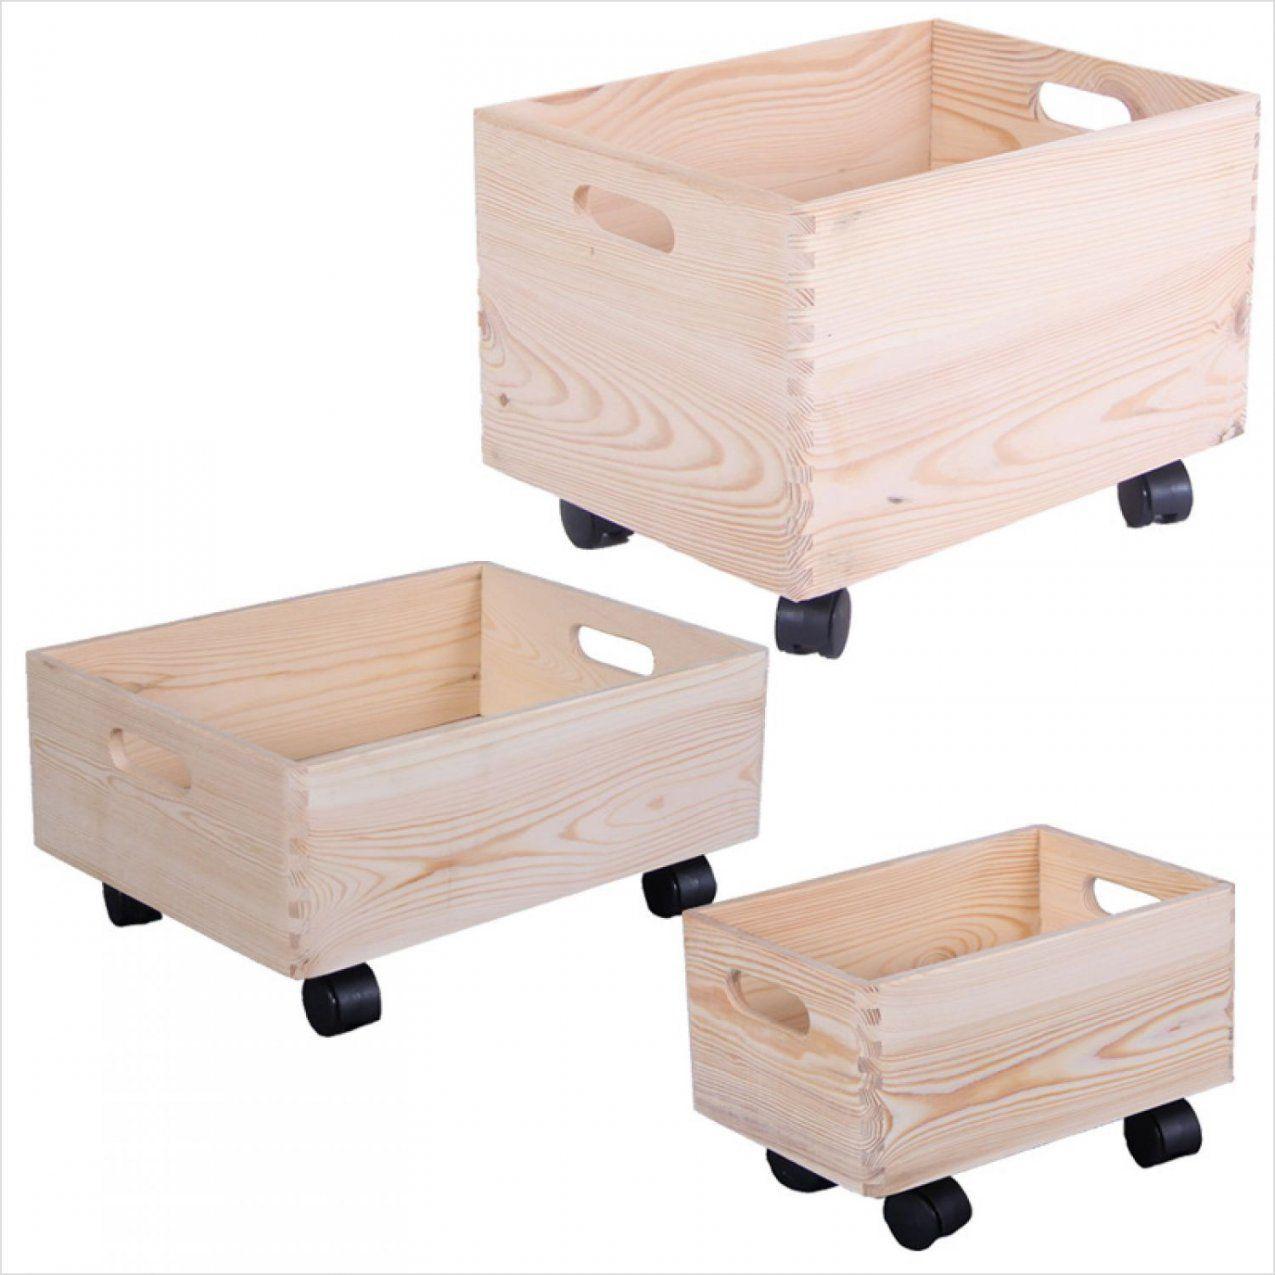 Wei Mit Deckel Gallery Of Von Gro Einfaches Holz Holzkiste Xxcm Fr von Holzkiste Mit Deckel Ikea Photo